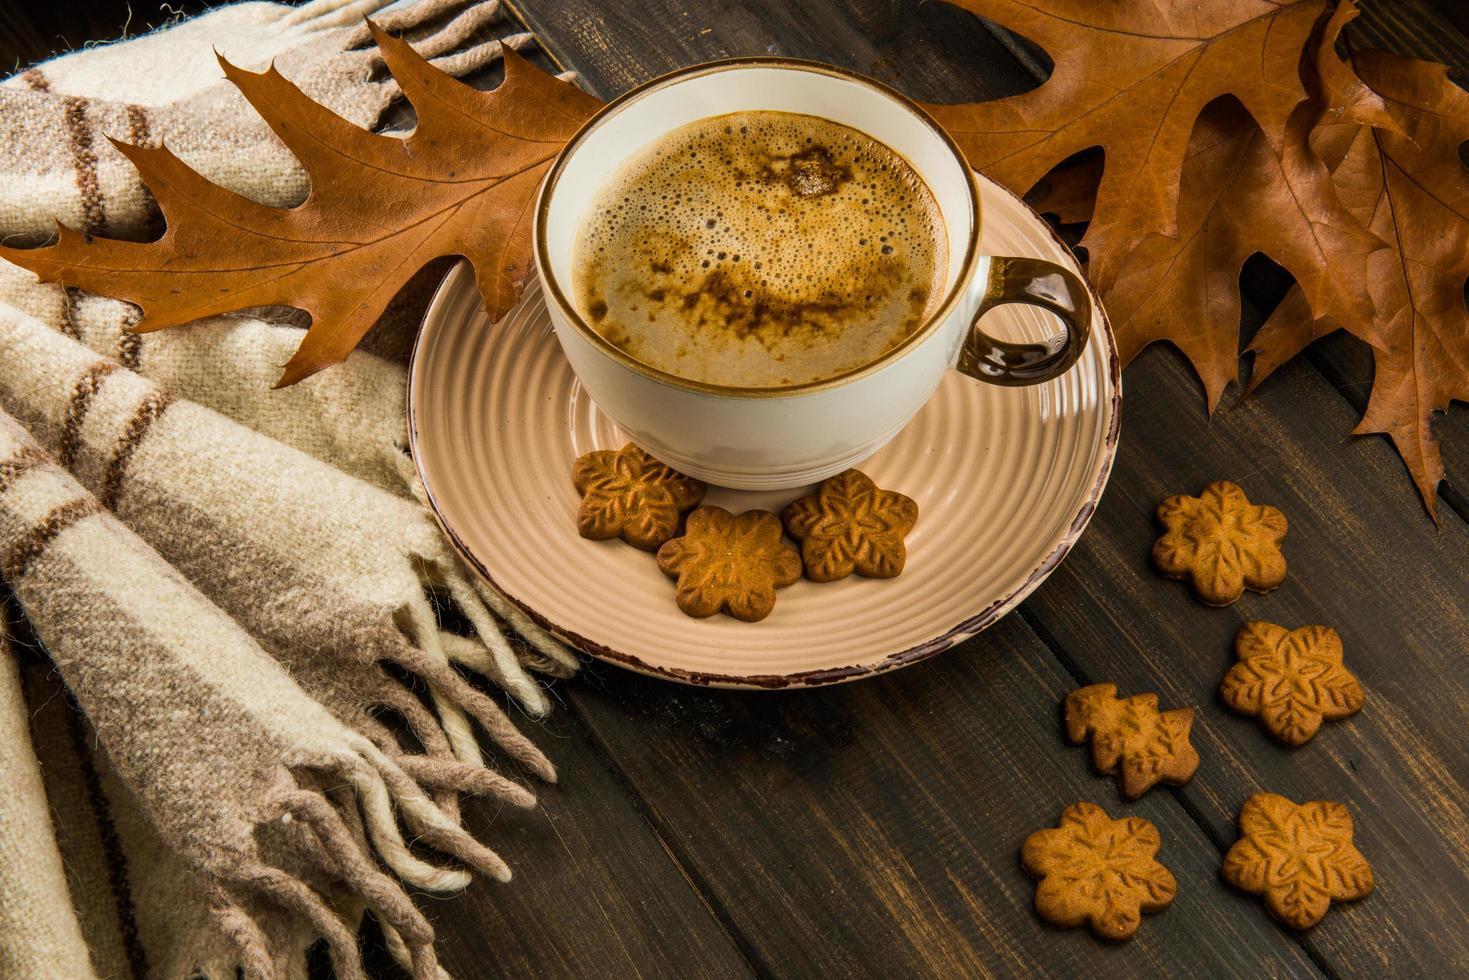 koffie met koekjes en bladeren foto